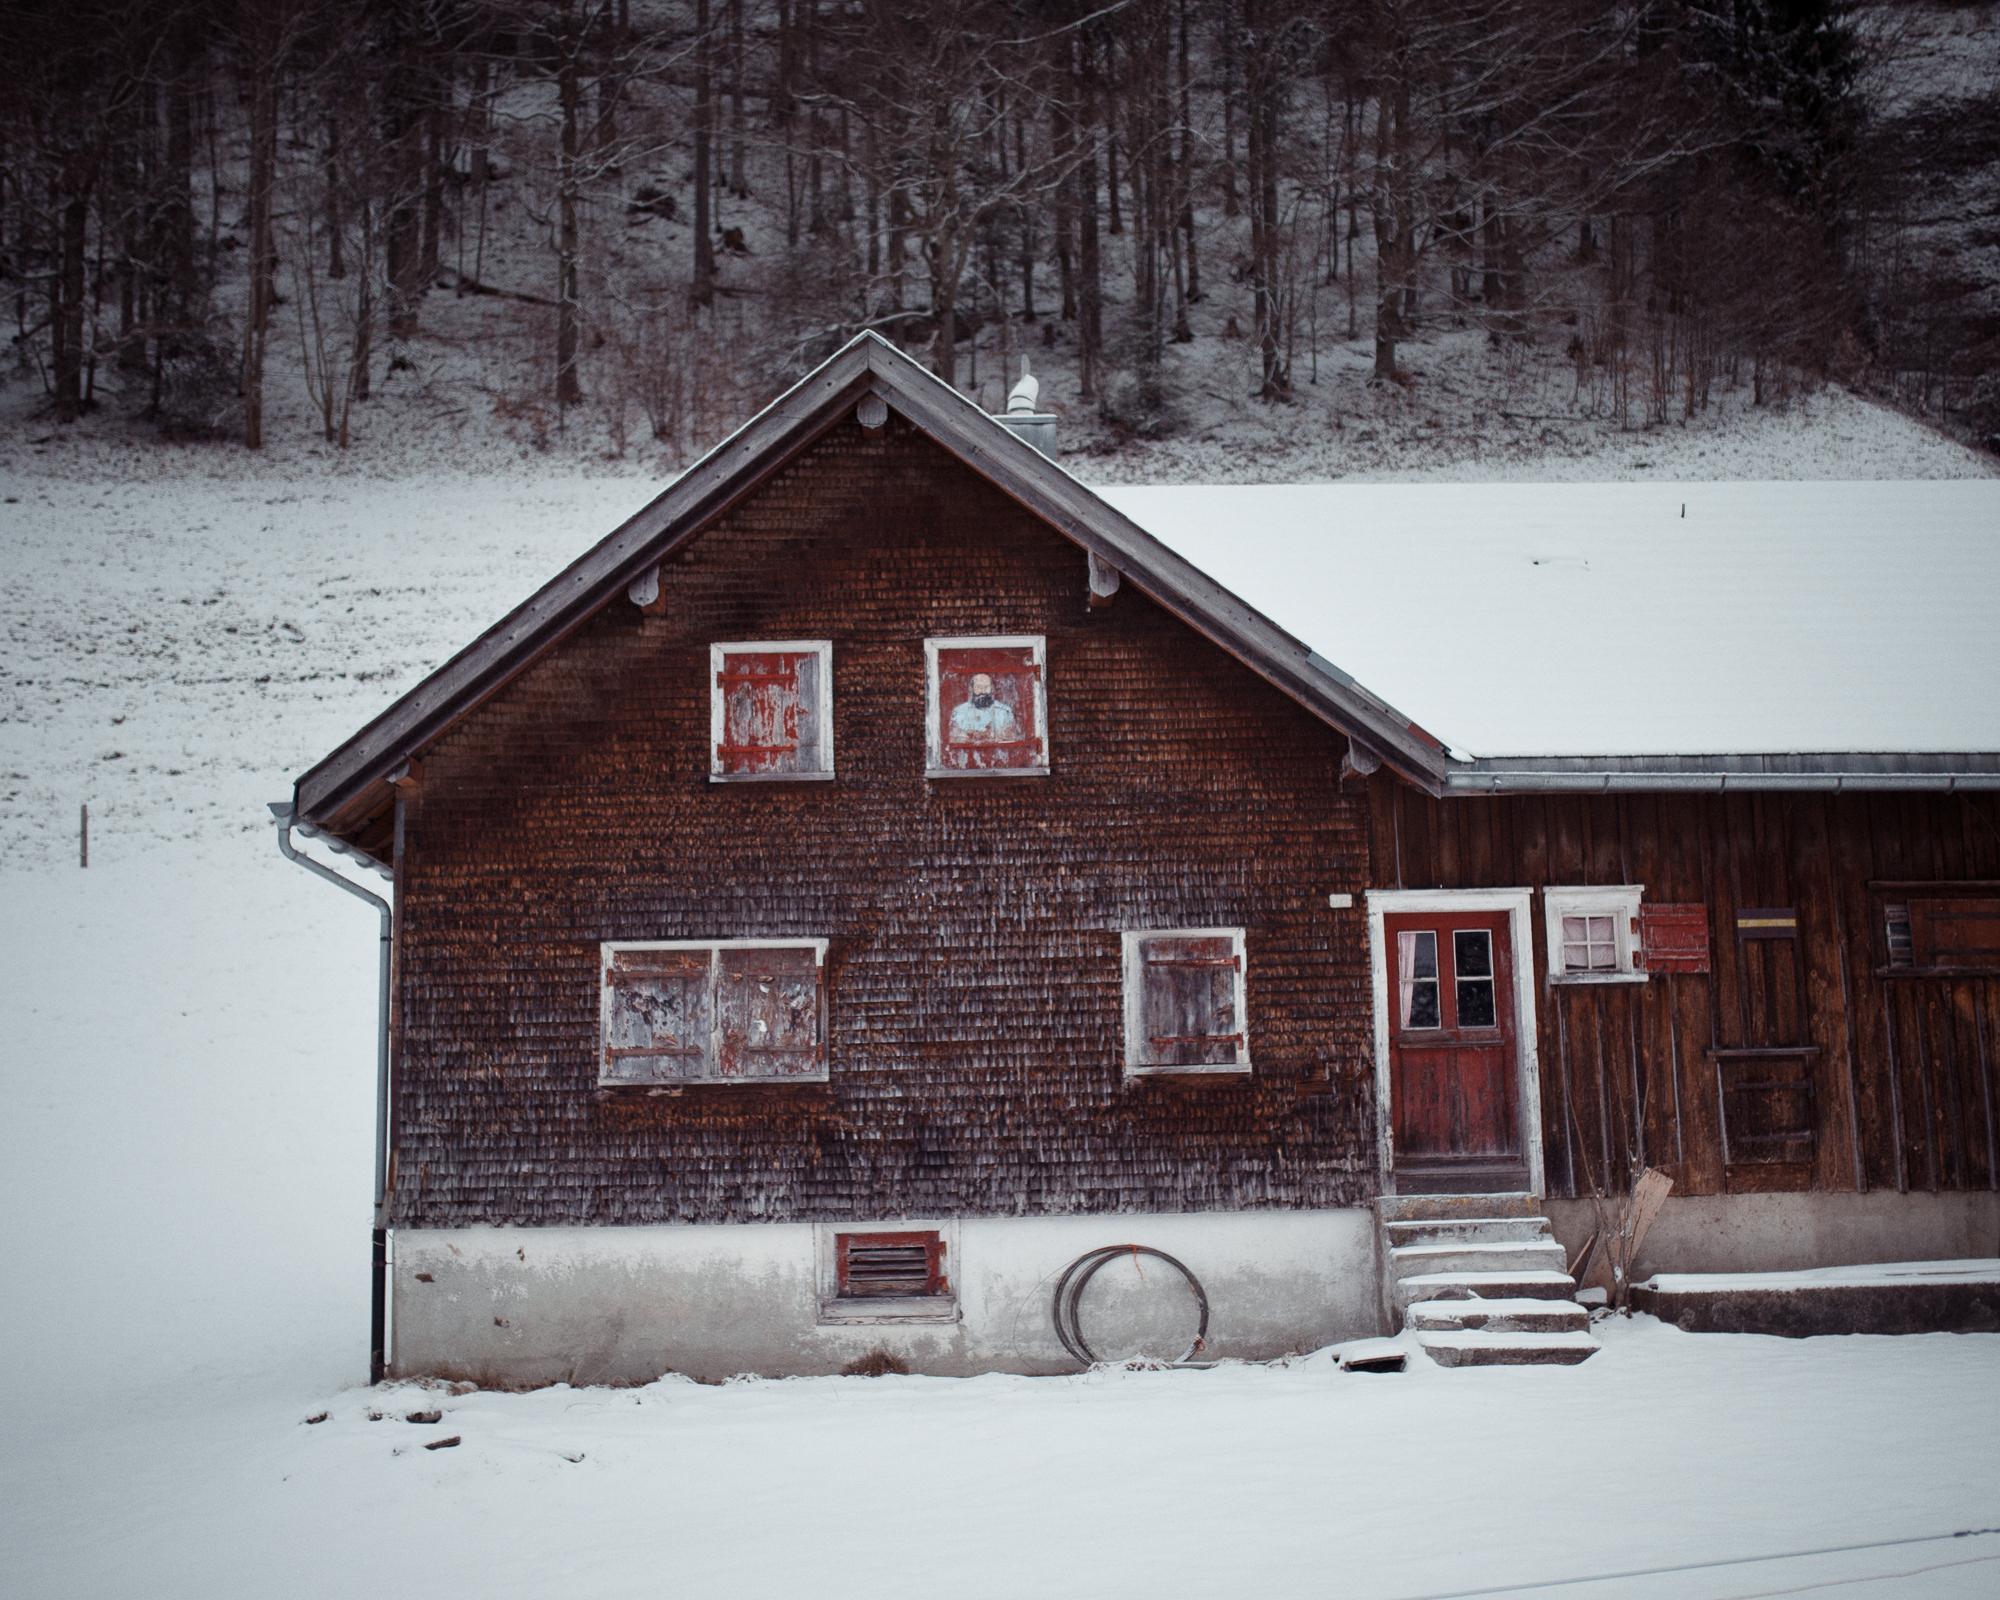 Casa nella neve con ritratto sulla finestra, Schwägalp-Pass (SG_AR-CH 2017)